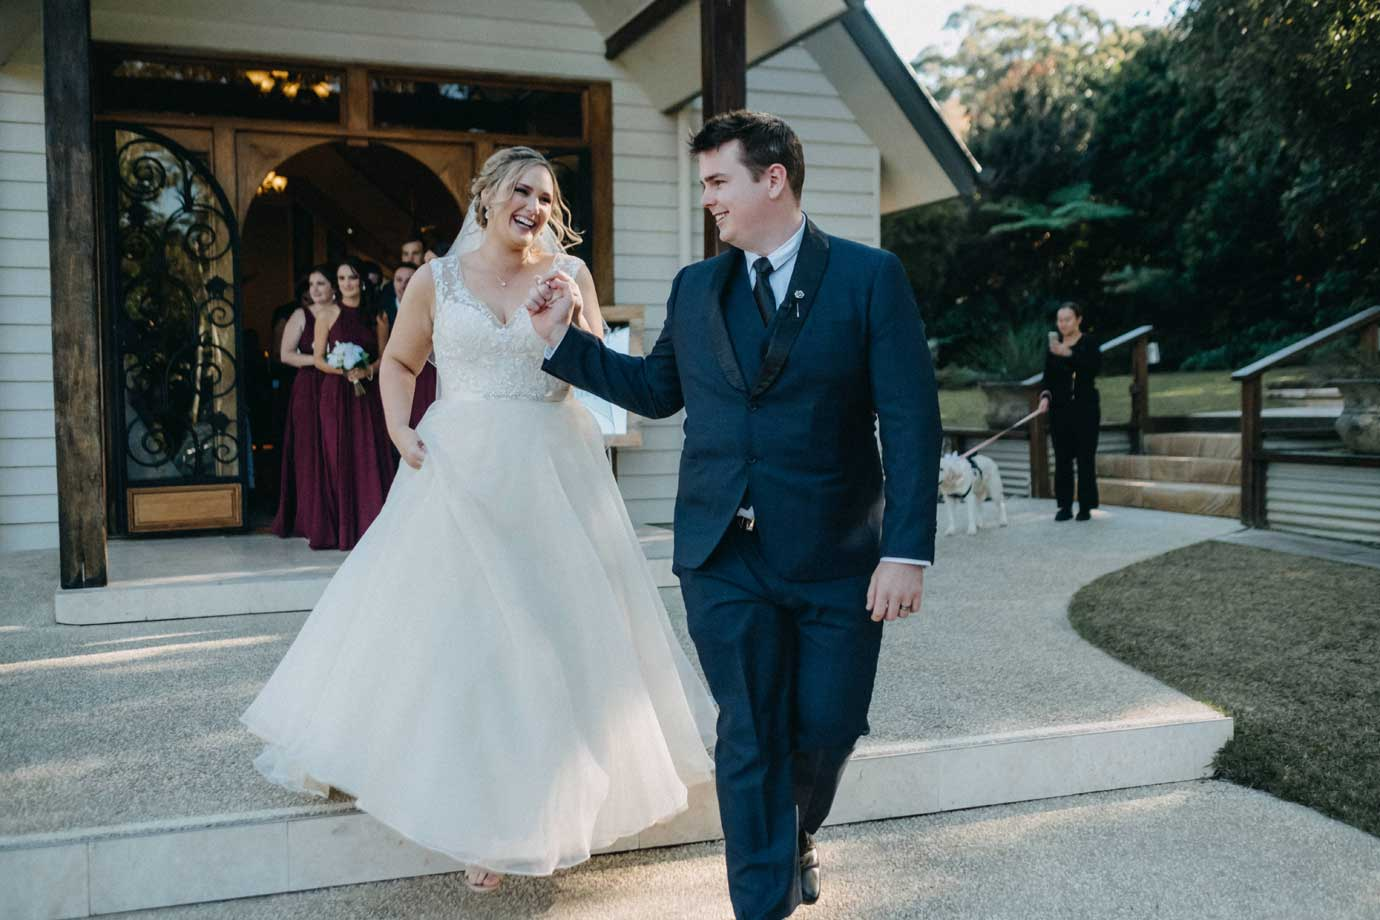 Breanna-and-Tom-Annabella-Chapel-Wedding-0511